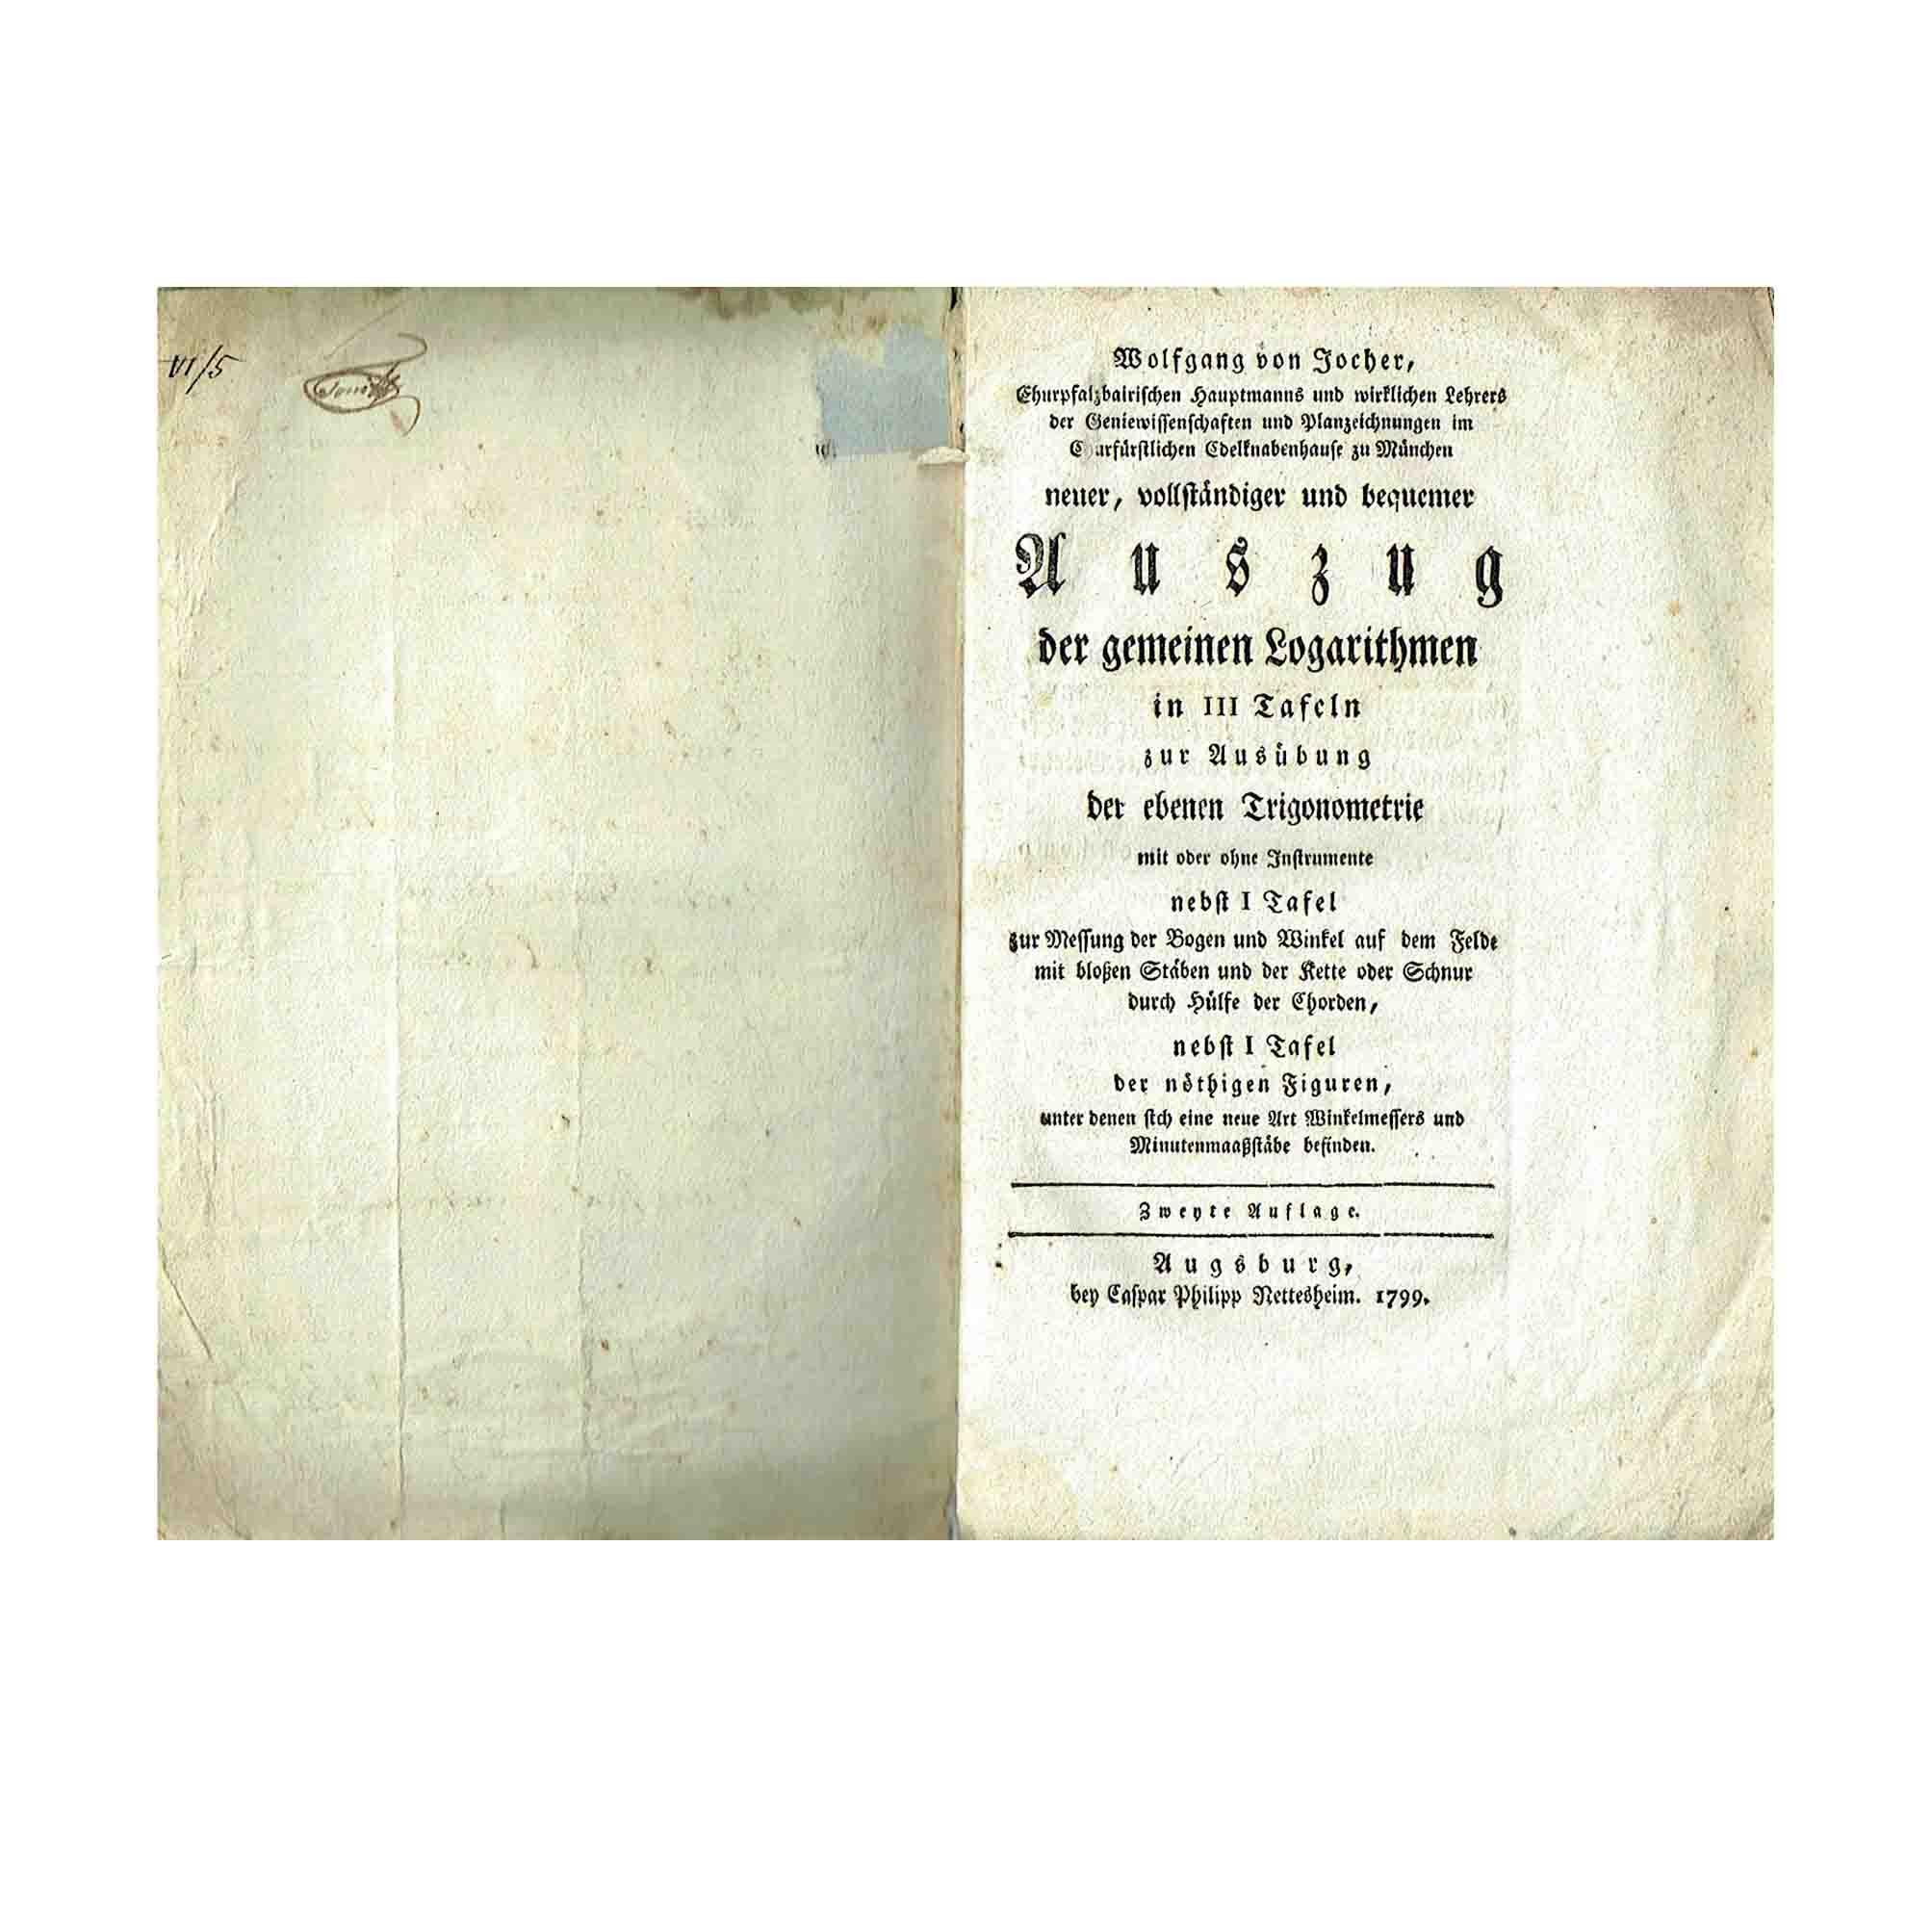 5981-Jocher-Logarithmen-1799-Titelblatt-N.jpeg